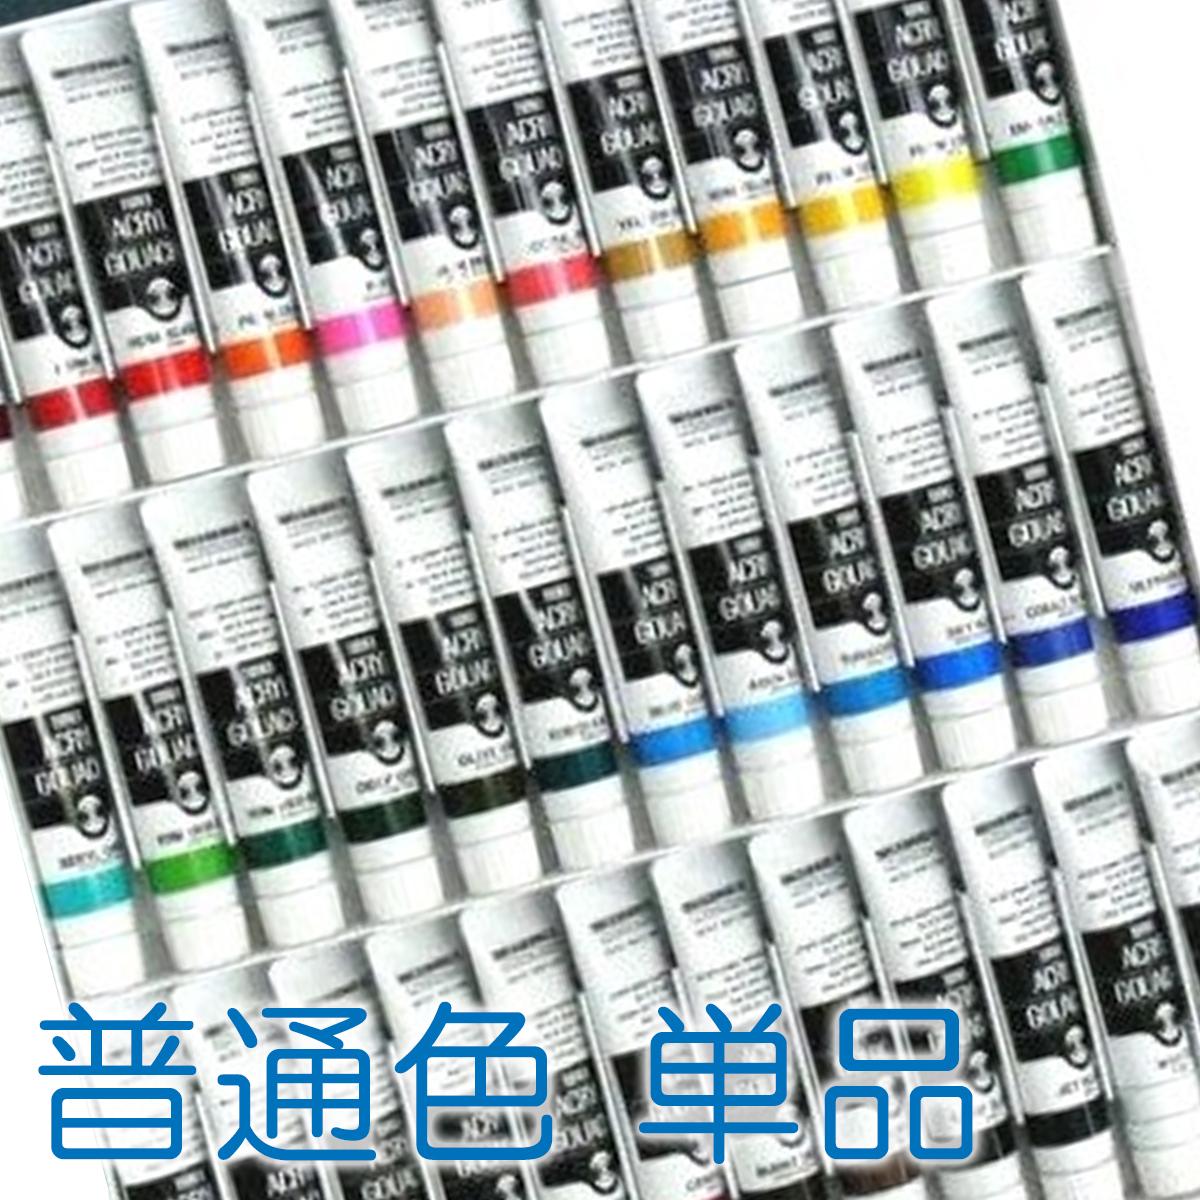 バラ単品1本の販売です メール便可 ターナー アクリルガッシュ メイルオーダー 高品質新品 普通色 単色 1本 絵の具 バラ アクリル 20mL